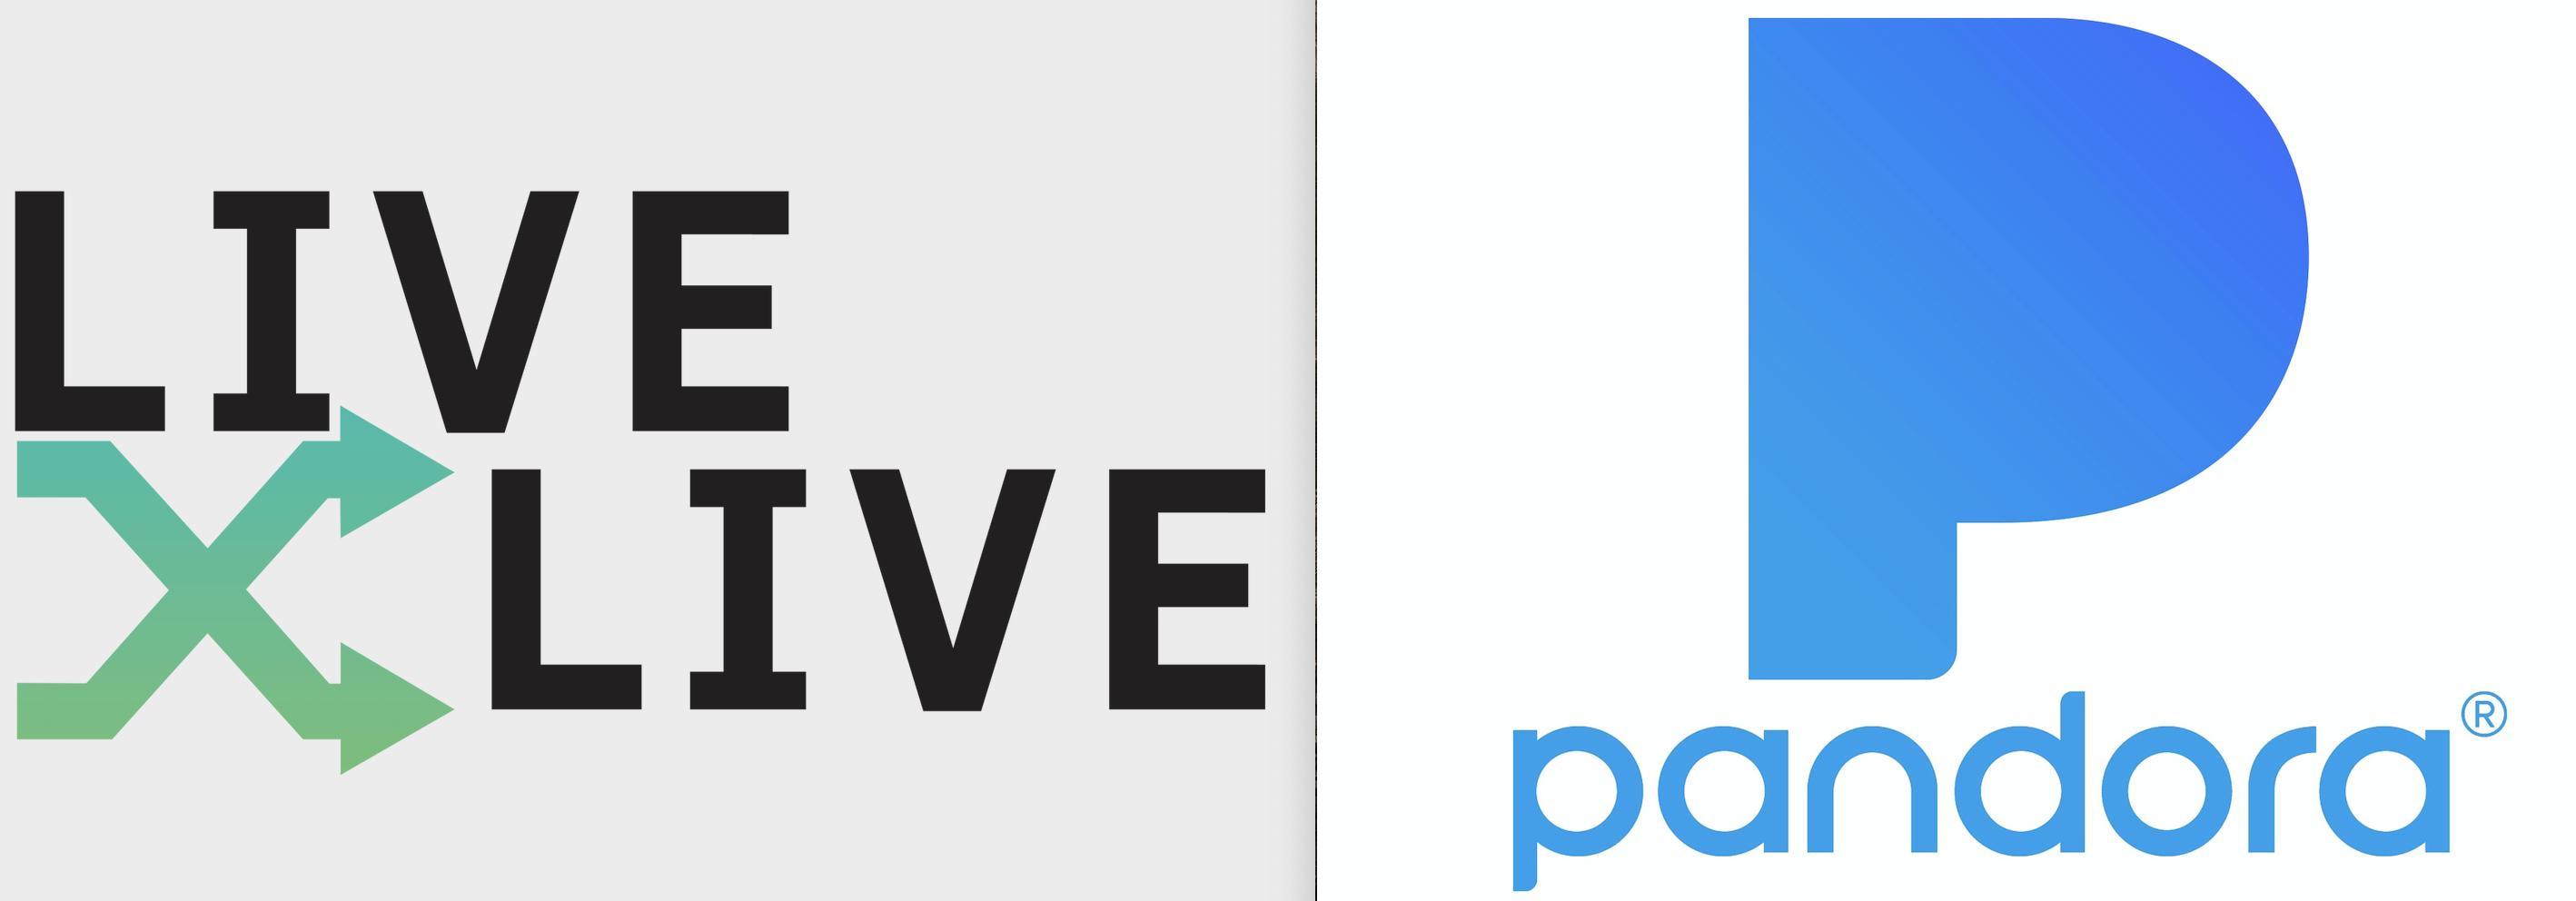 Pandora-vs-livexlive